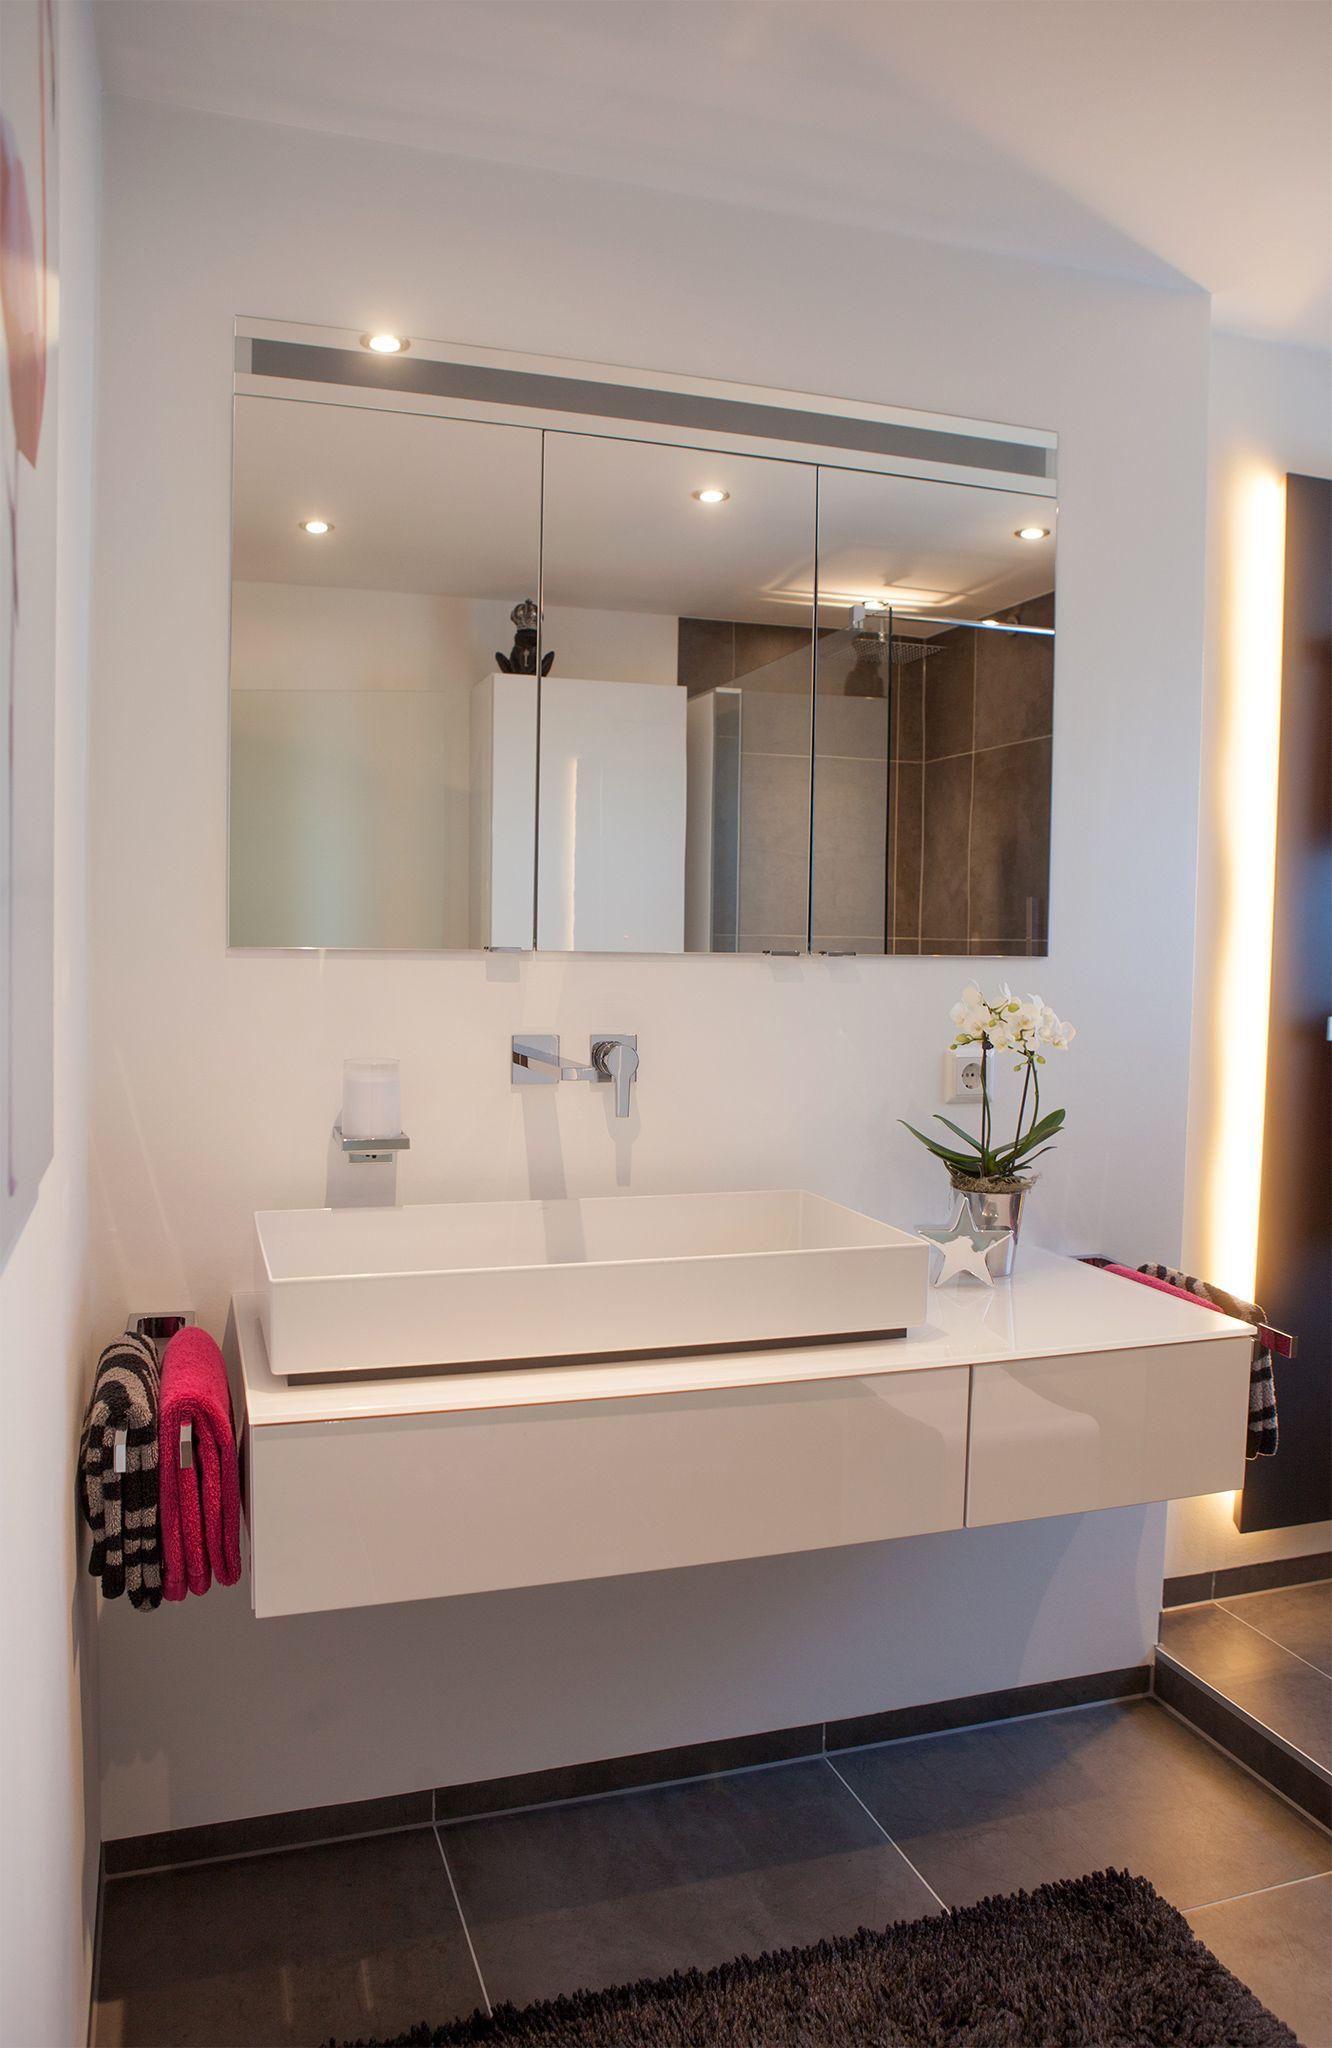 Waschtisch Für Aufsatzbecken weißer waschtisch mit aufsatzbecken badezimmer der vitus könig